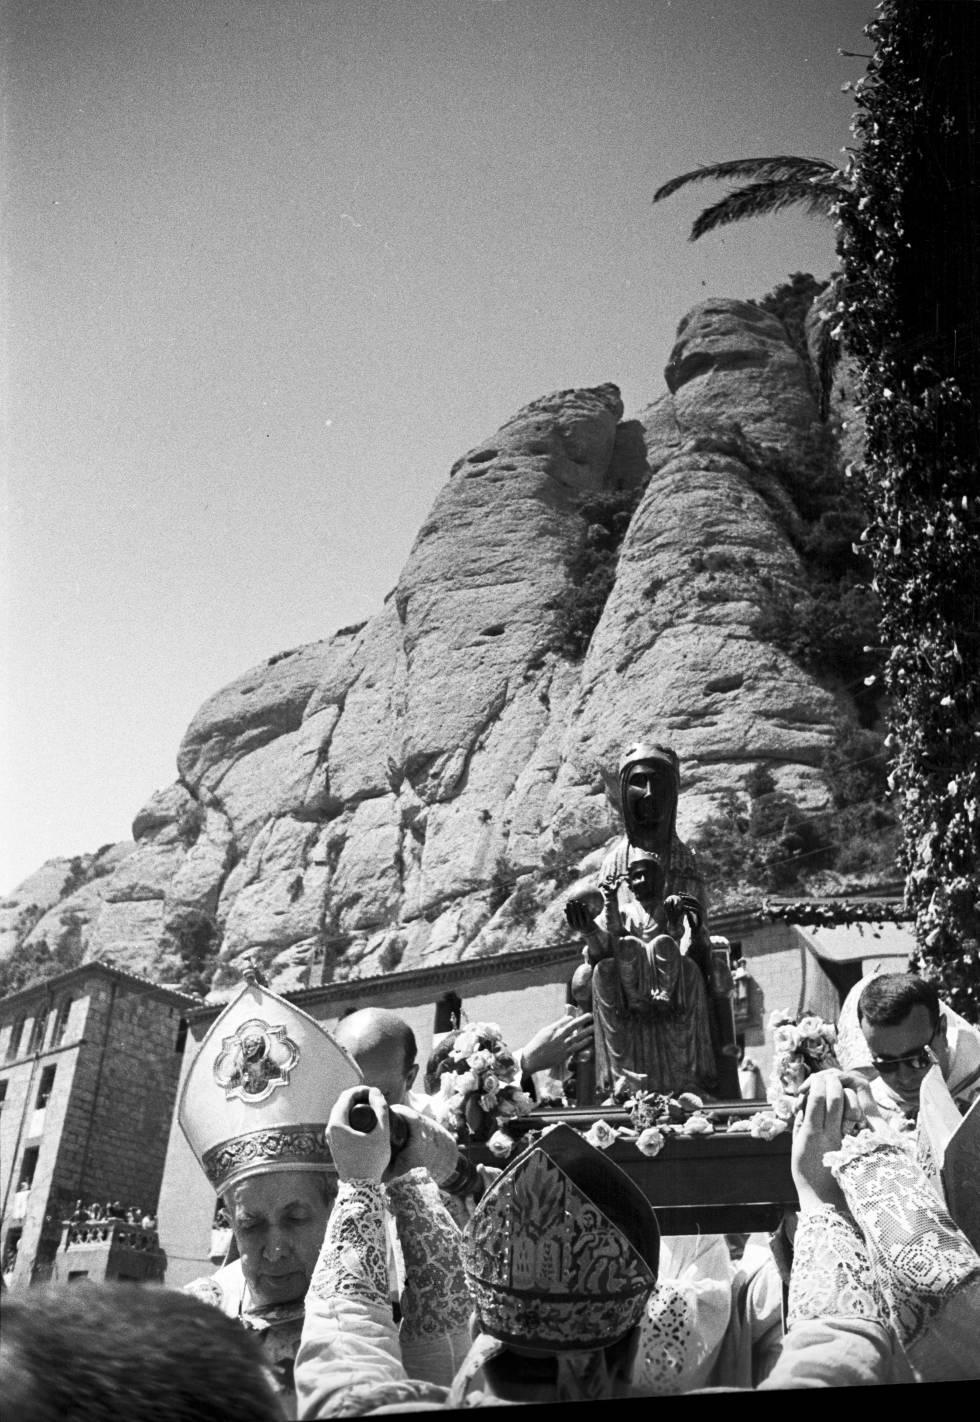 Una imatge presa per Brangulí dels actes de l'Entronització de la Mare de Déu de Montserrat.